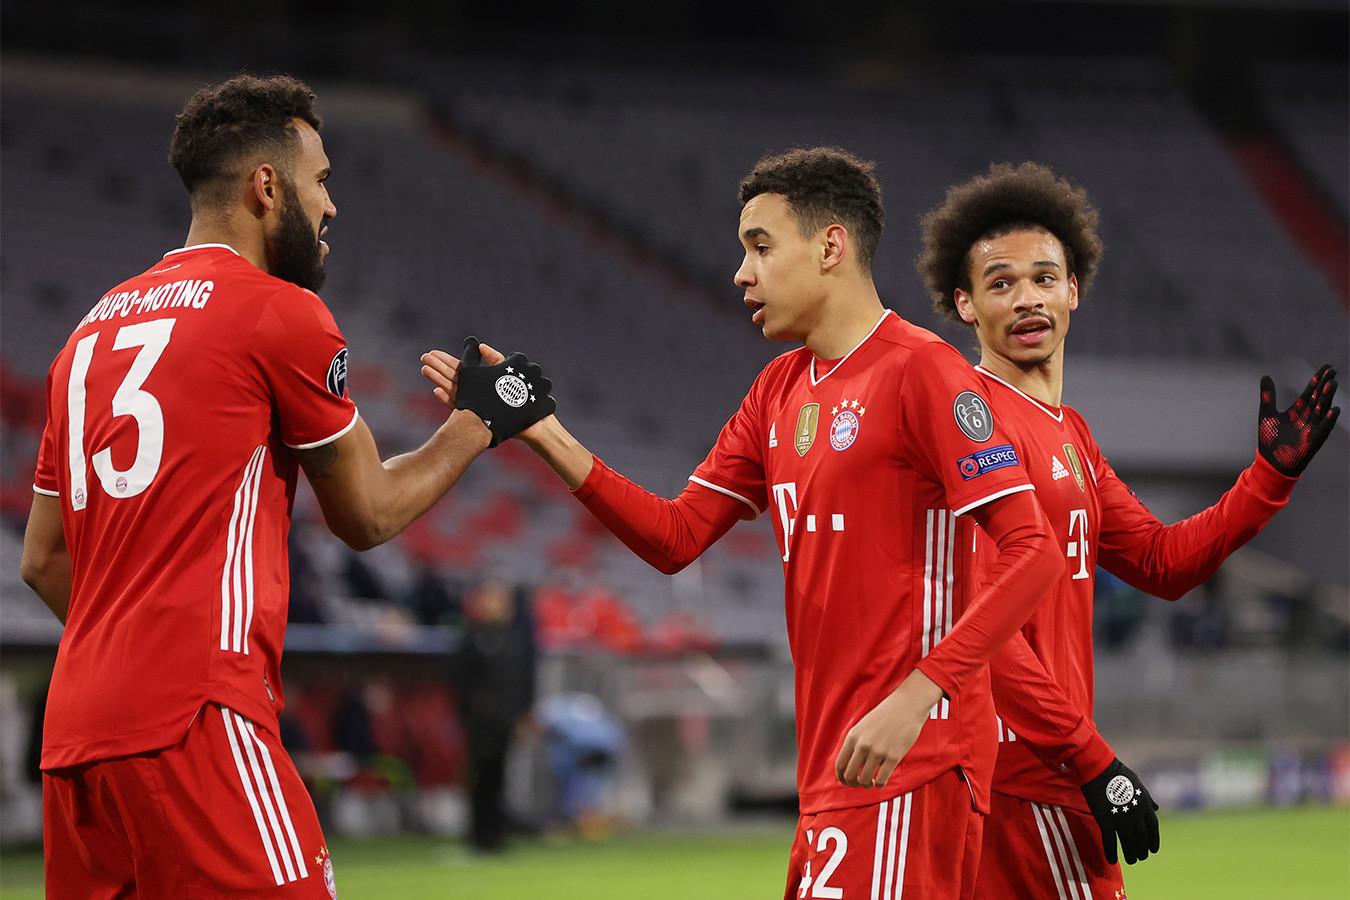 «Бавария» вновь обыграла «Лацио» и вышла в 1/4 финала Лиги чемпионов